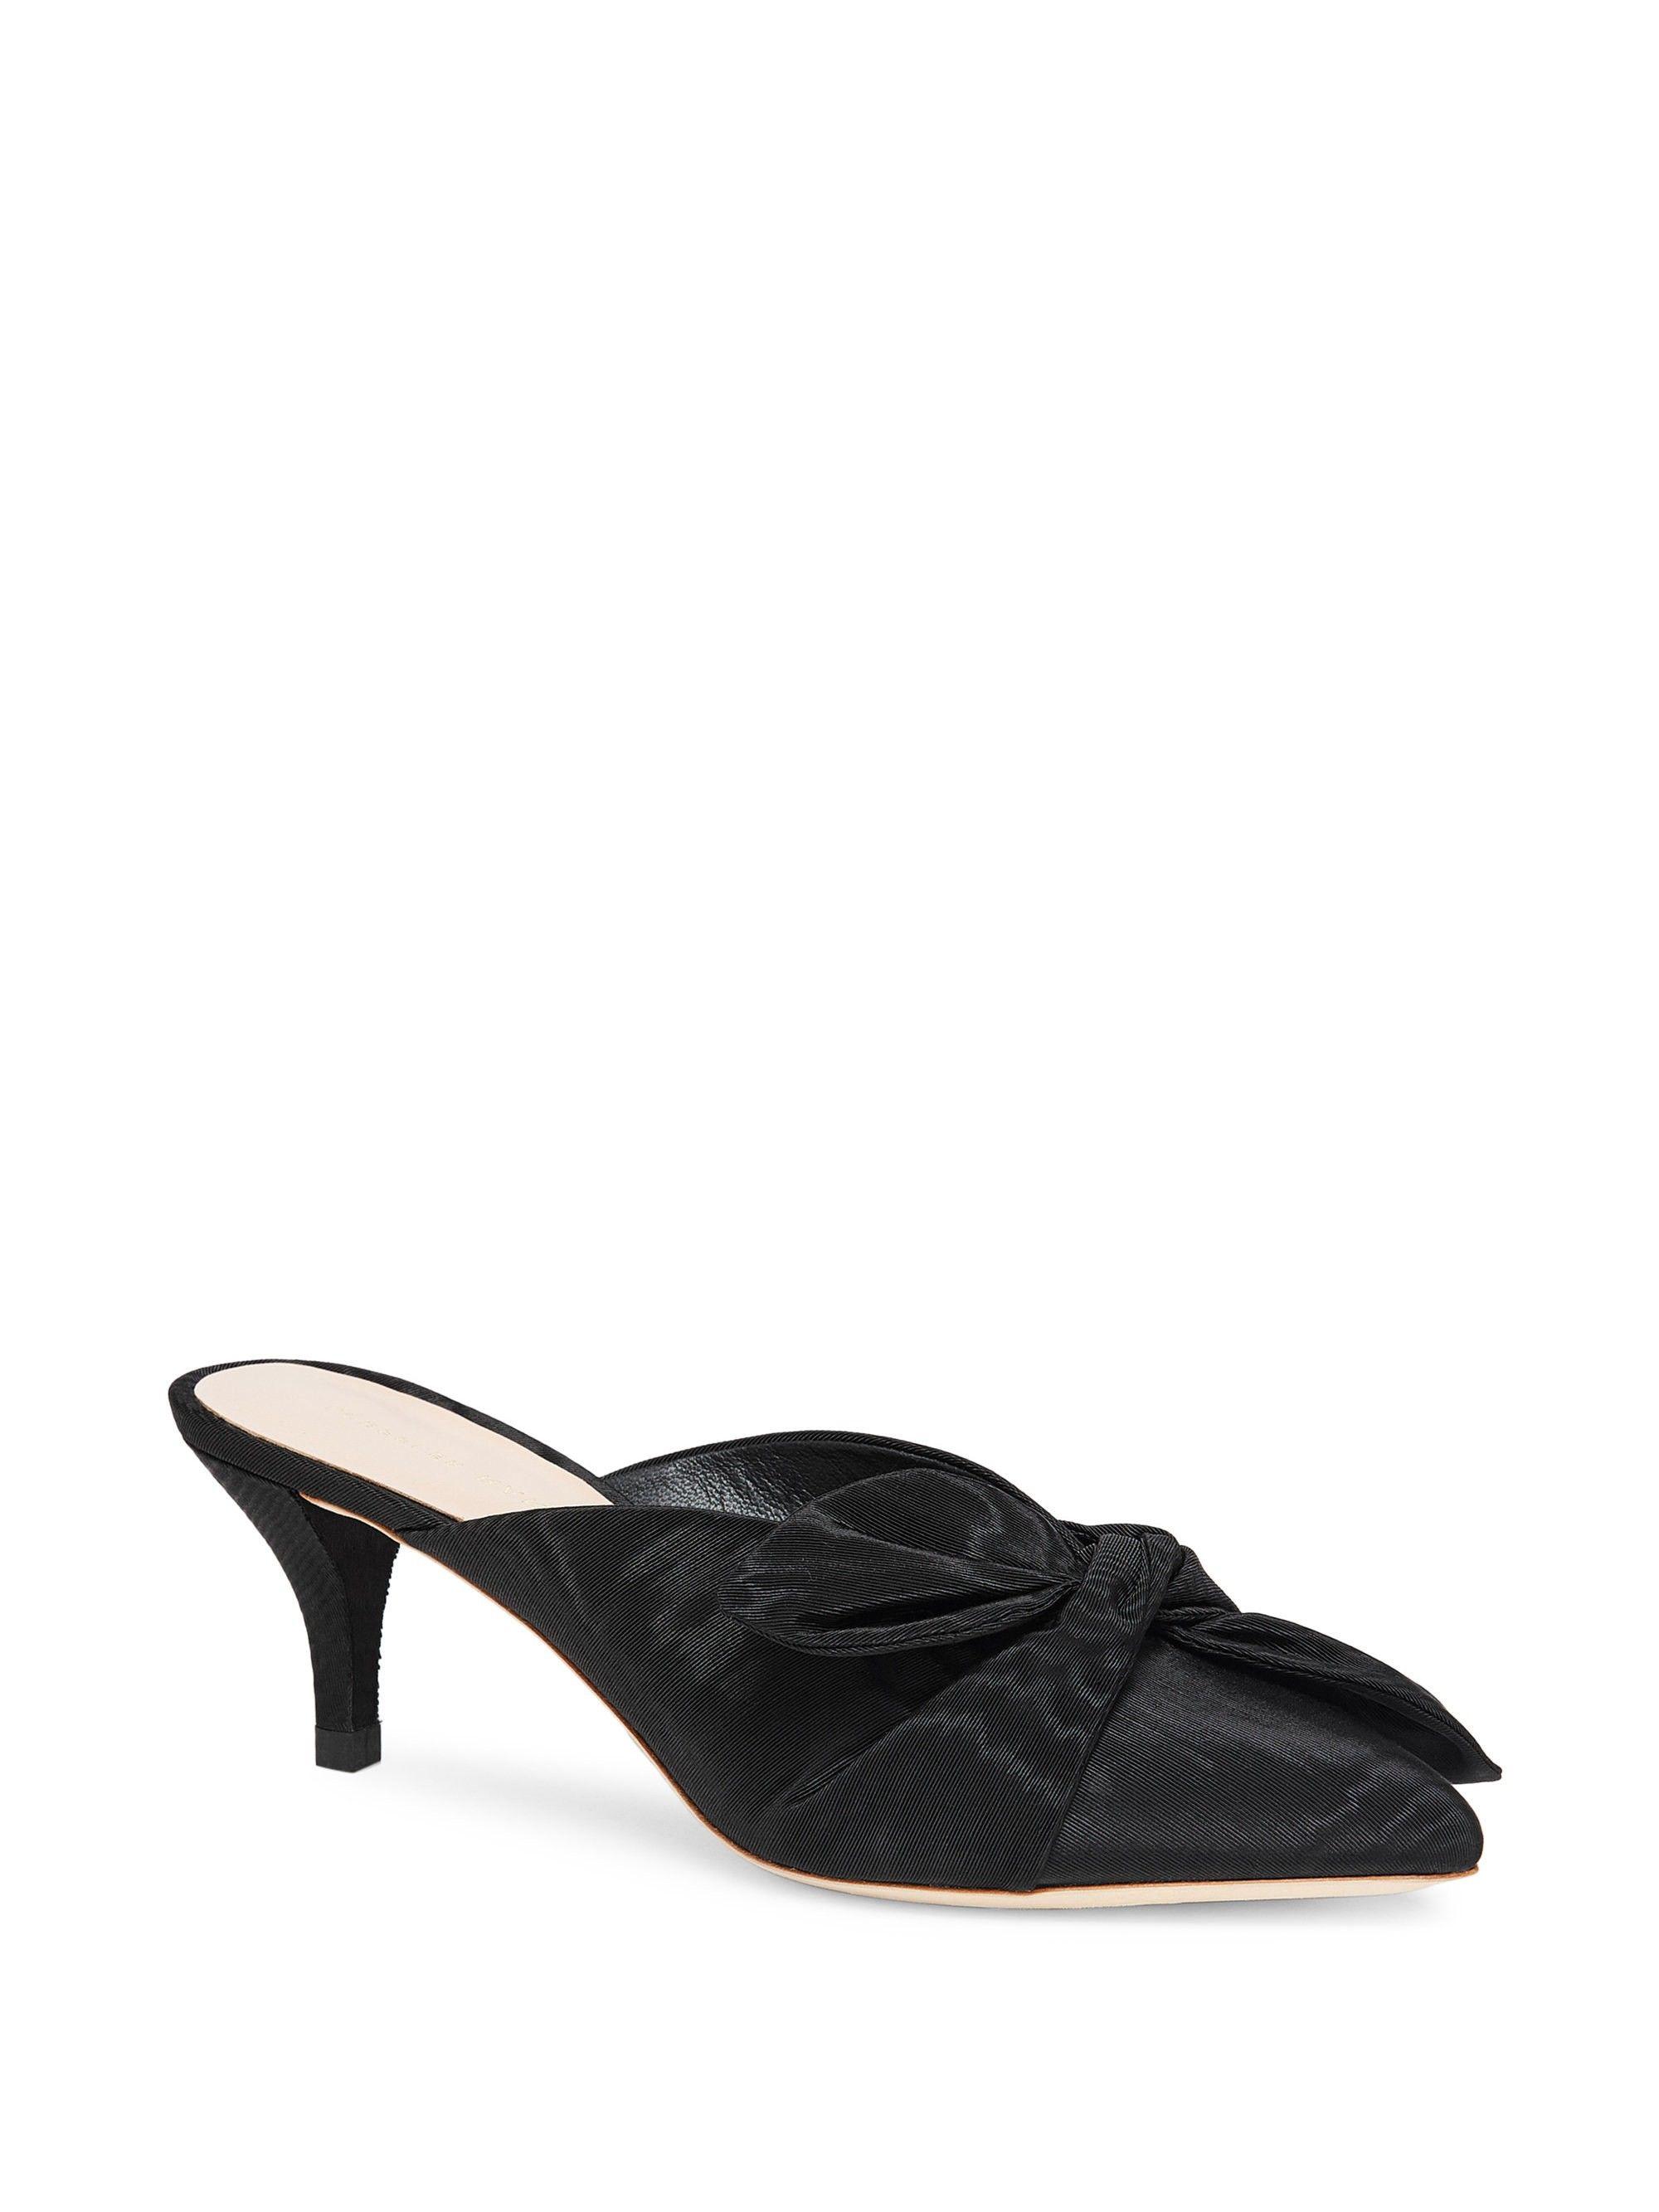 Loeffler Randall Jade Bow Kitten Heel Mule Black 8 5 Heels